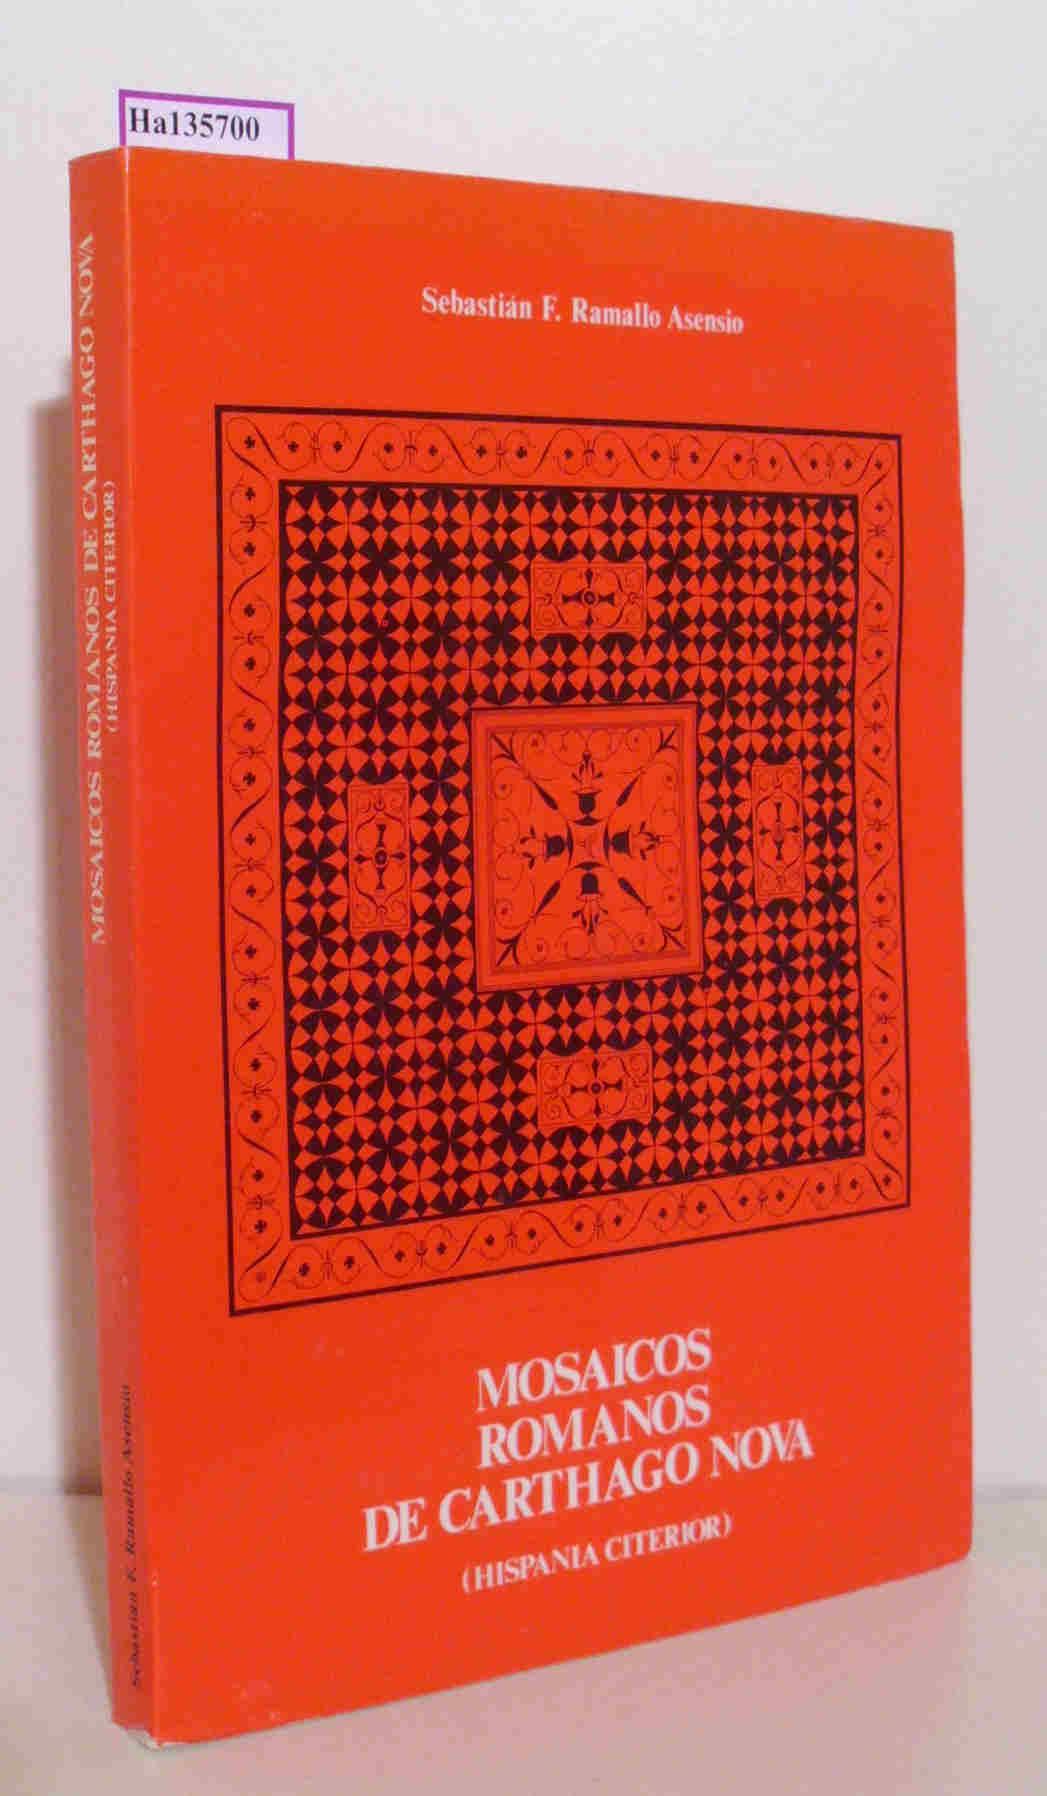 Mosaicos Romanos de Carthago  Nova( Hispania Citerior) .